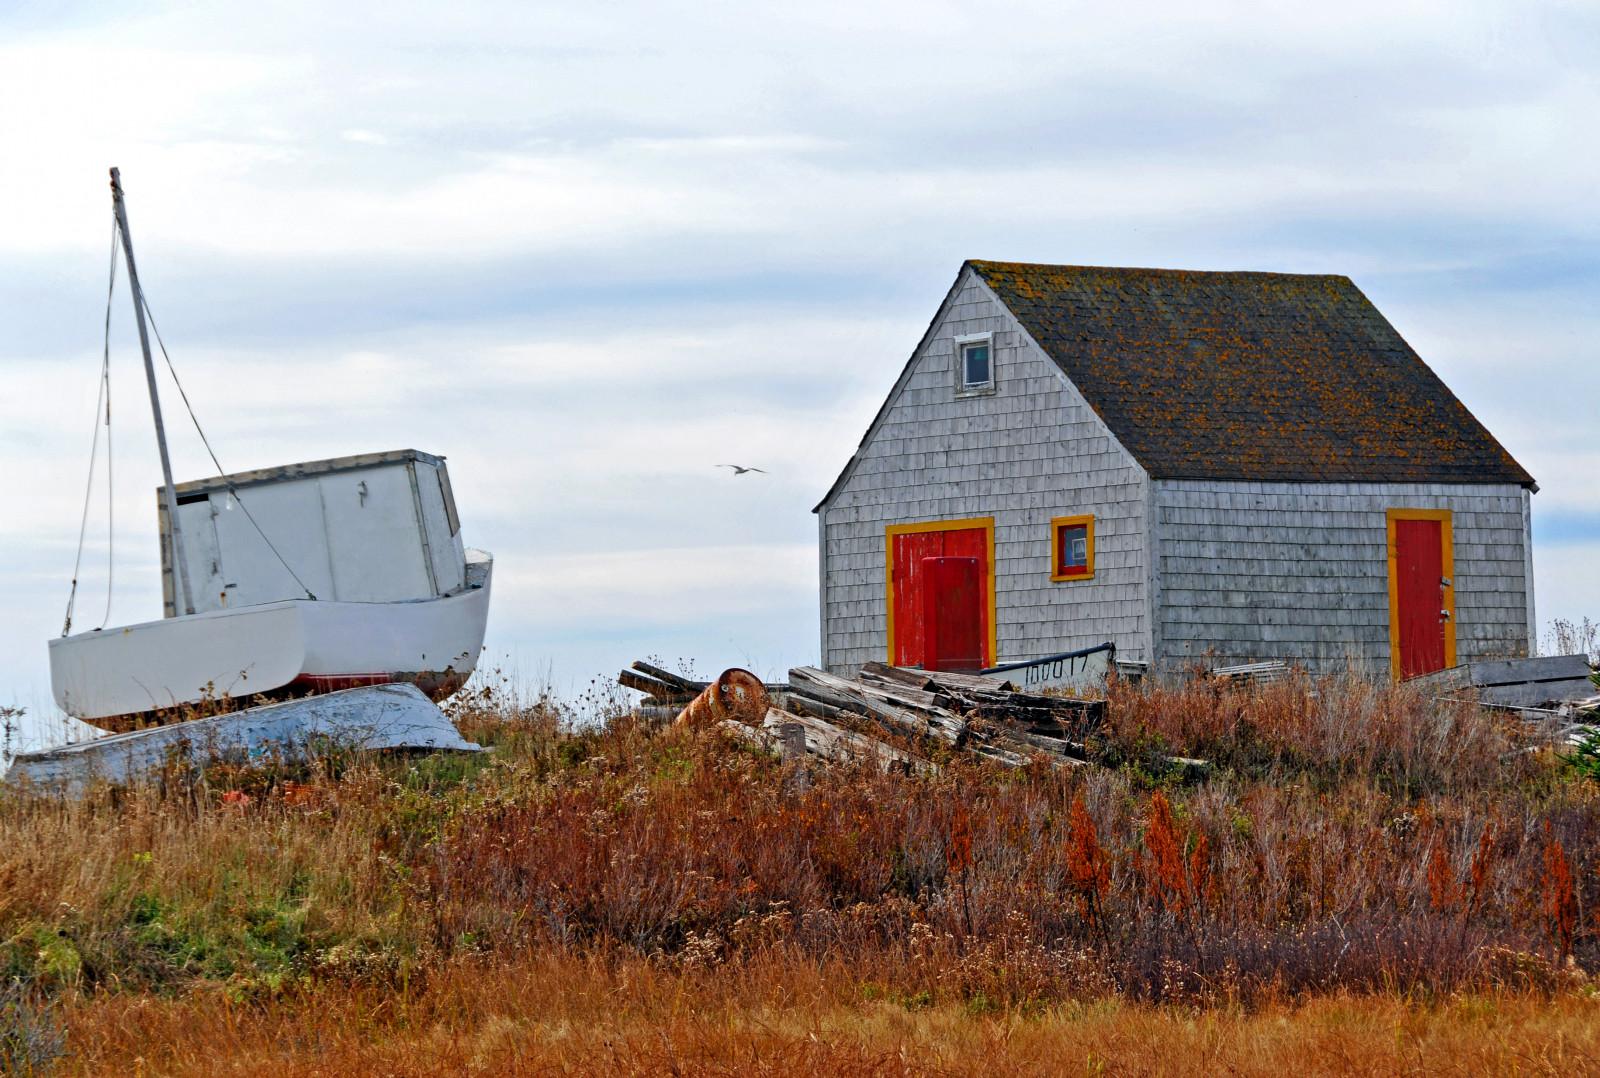 Fond d\'écran : bateau, bâtiment, rouge, herbe, ciel, bois, maison ...